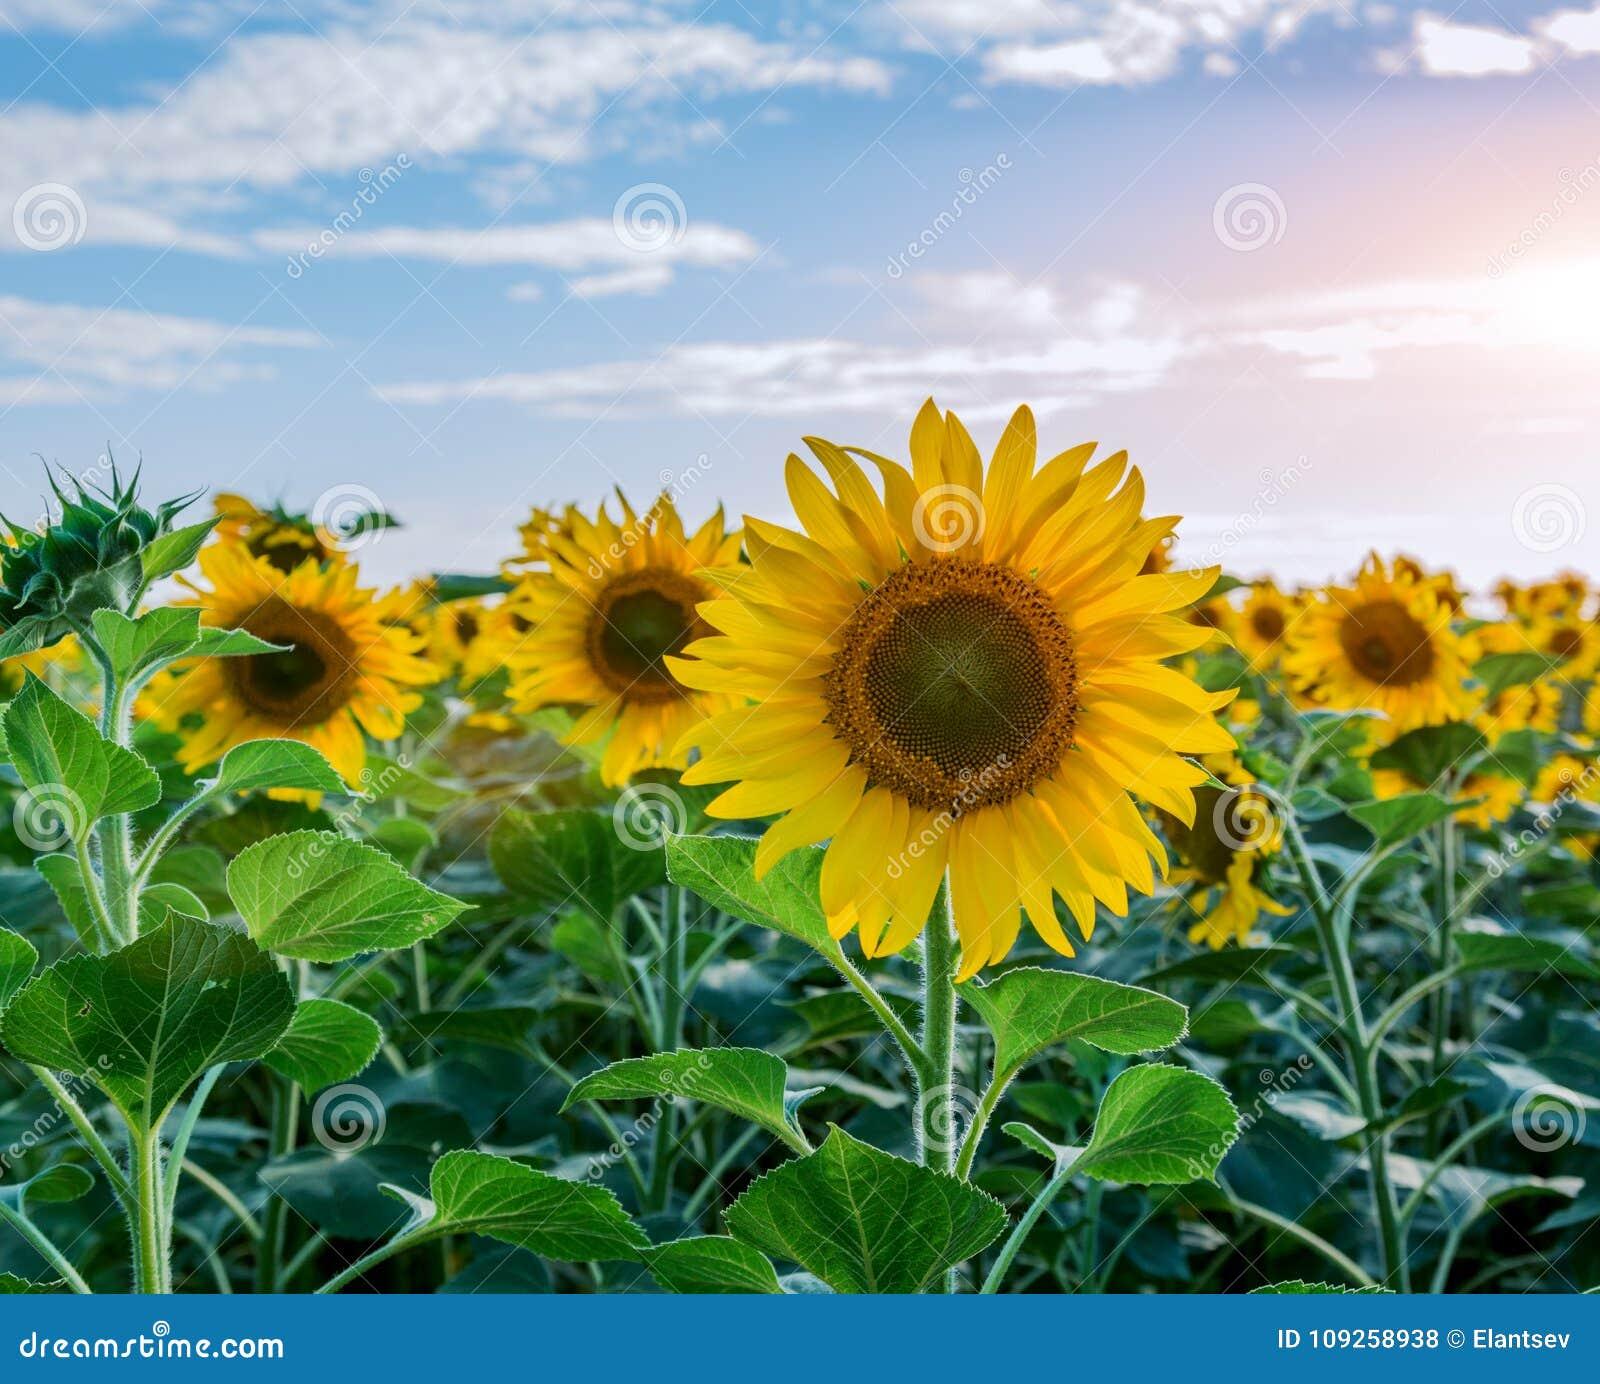 在向日葵领域的明亮的黄色,橙色向日葵花